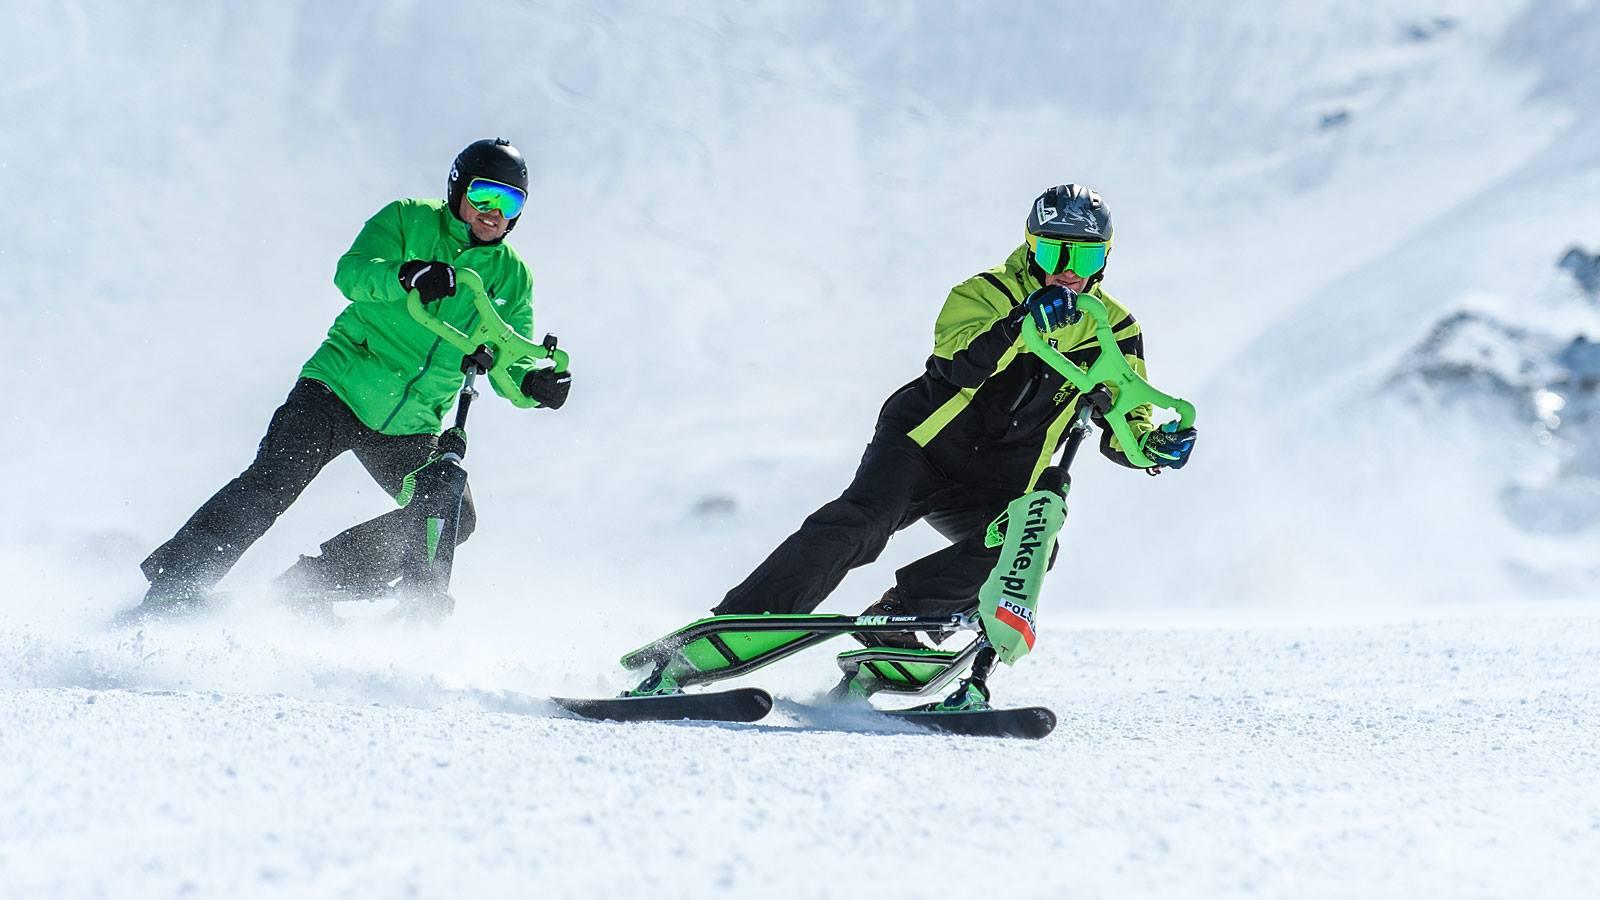 Skki Trikke na lodowcu Kaunertal, kończymy sezon zimowy z przytupem.